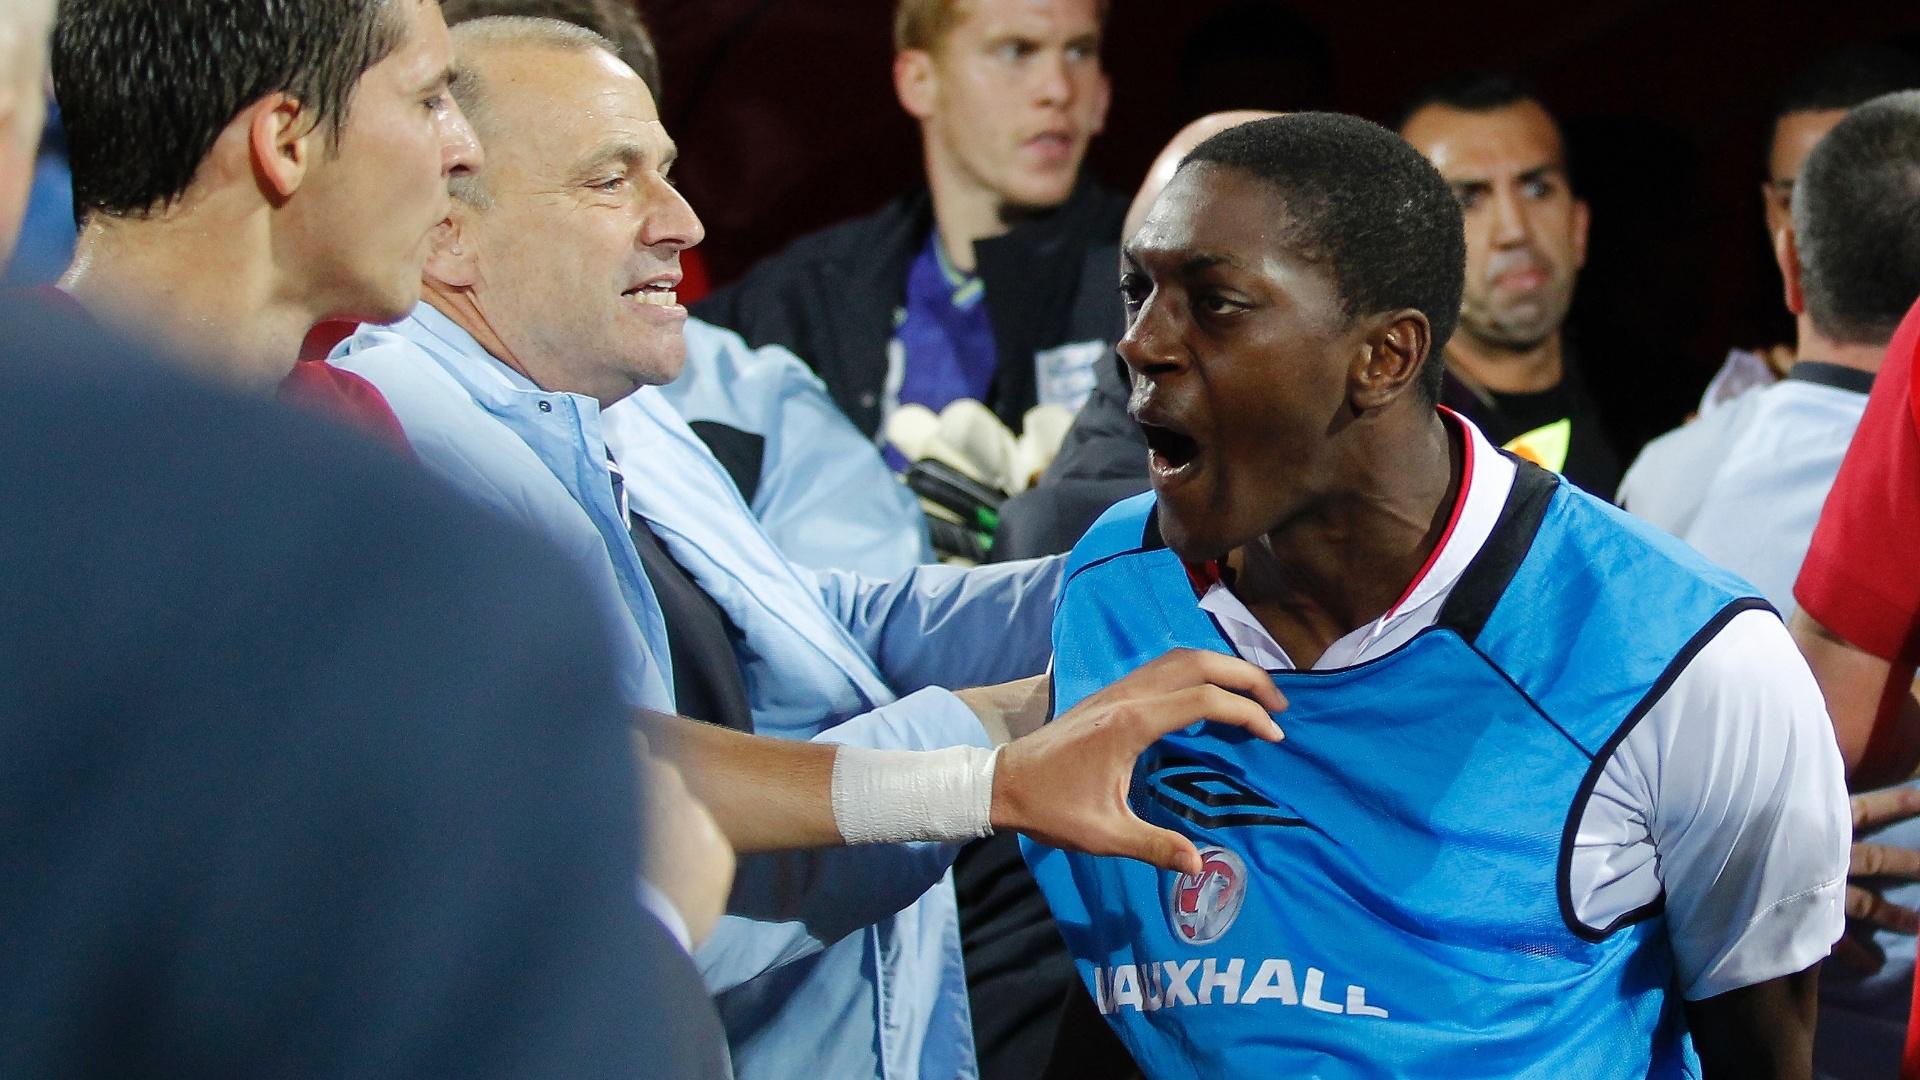 Marvin Sordell, da seleção sub-21 da Inglaterra, discute com jogador da Sérvia após confusões em partida das eliminatórias da Euro sub-21 (16/10/2012)